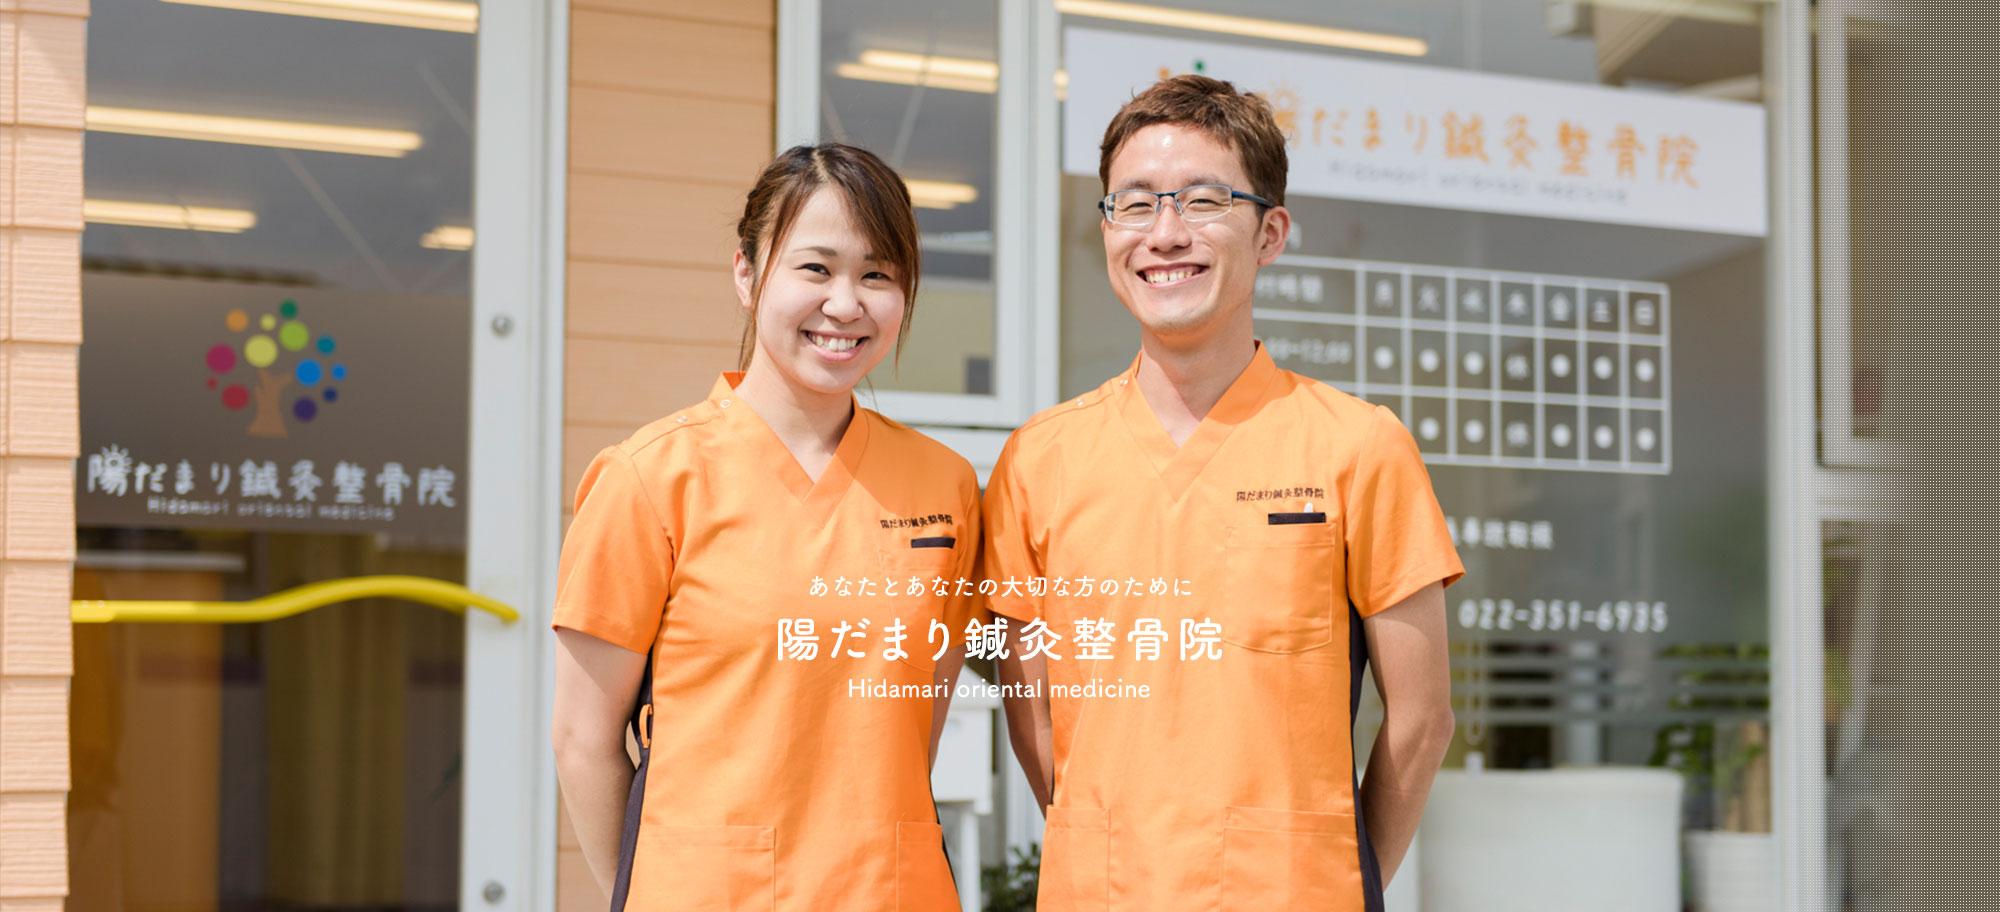 あなたとあなたの⼤切な⽅のために 陽だまり鍼灸整⾻院 Hidamari oriental medicine